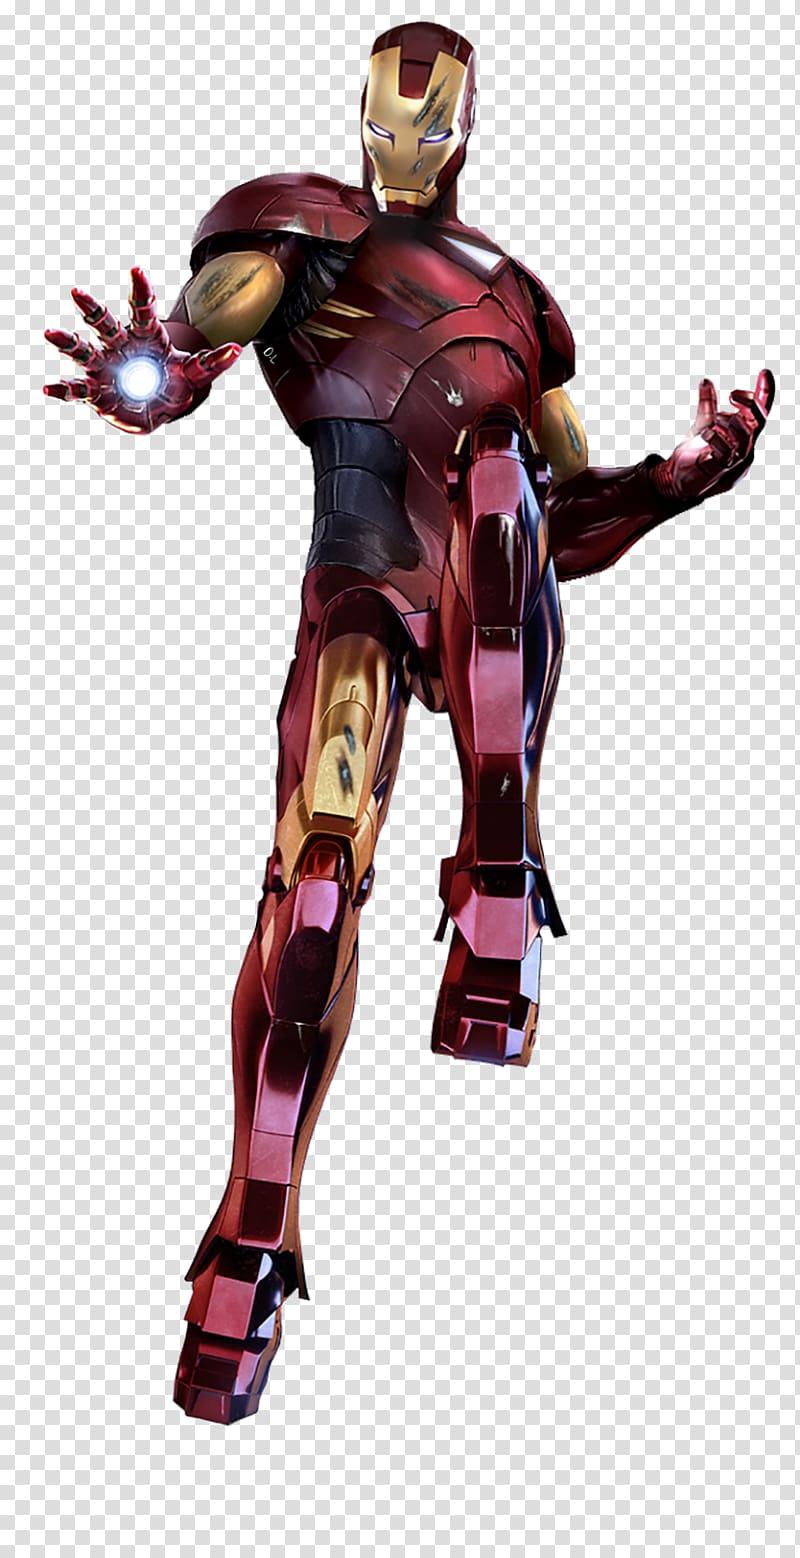 Marvel's Iron Man, Iron Man Extremis Mandarin Comics, ironman.